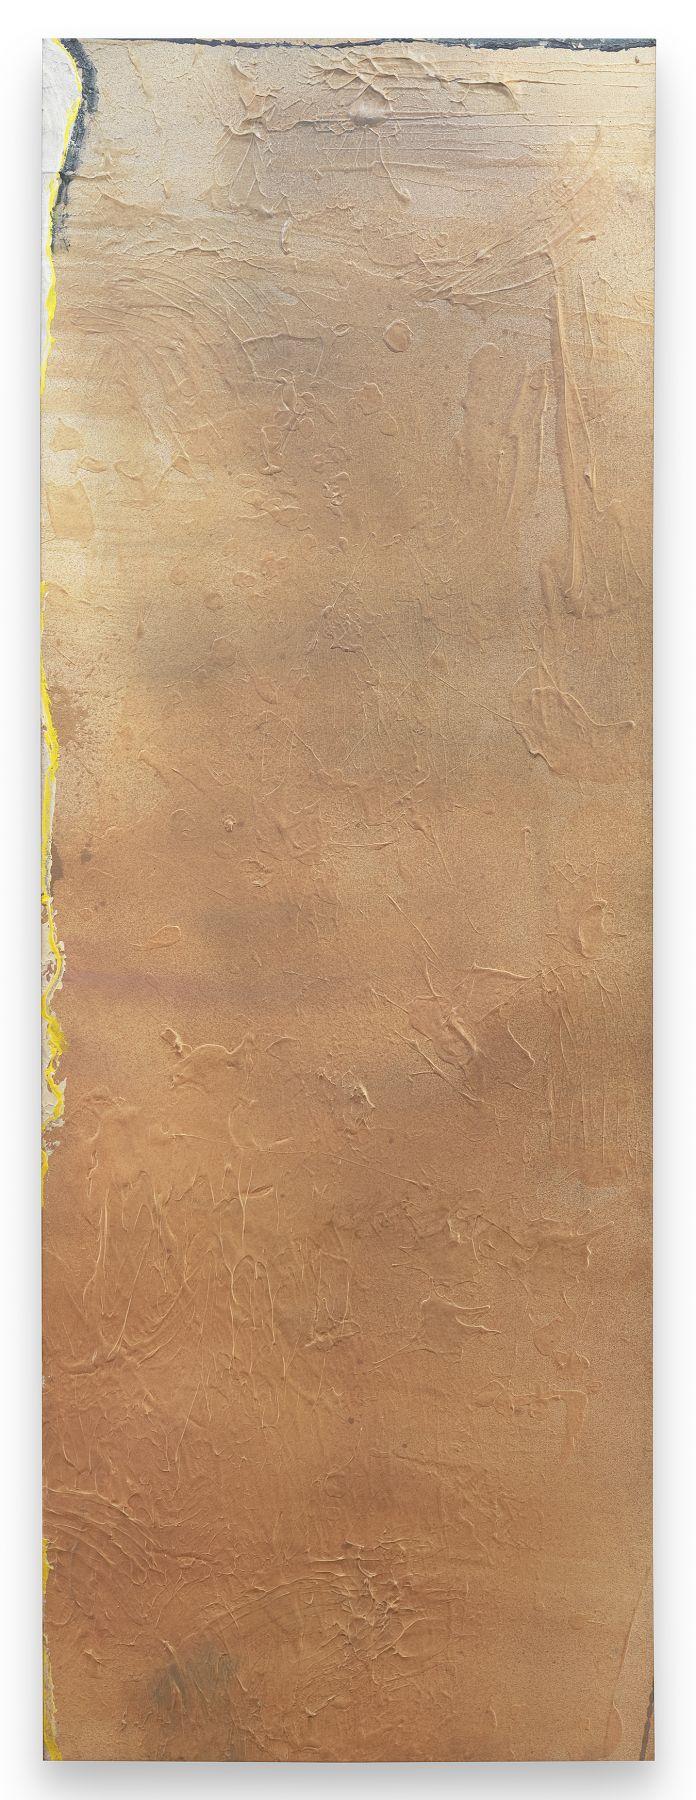 Moab Plain-3, 1975, Acrylic on canvas